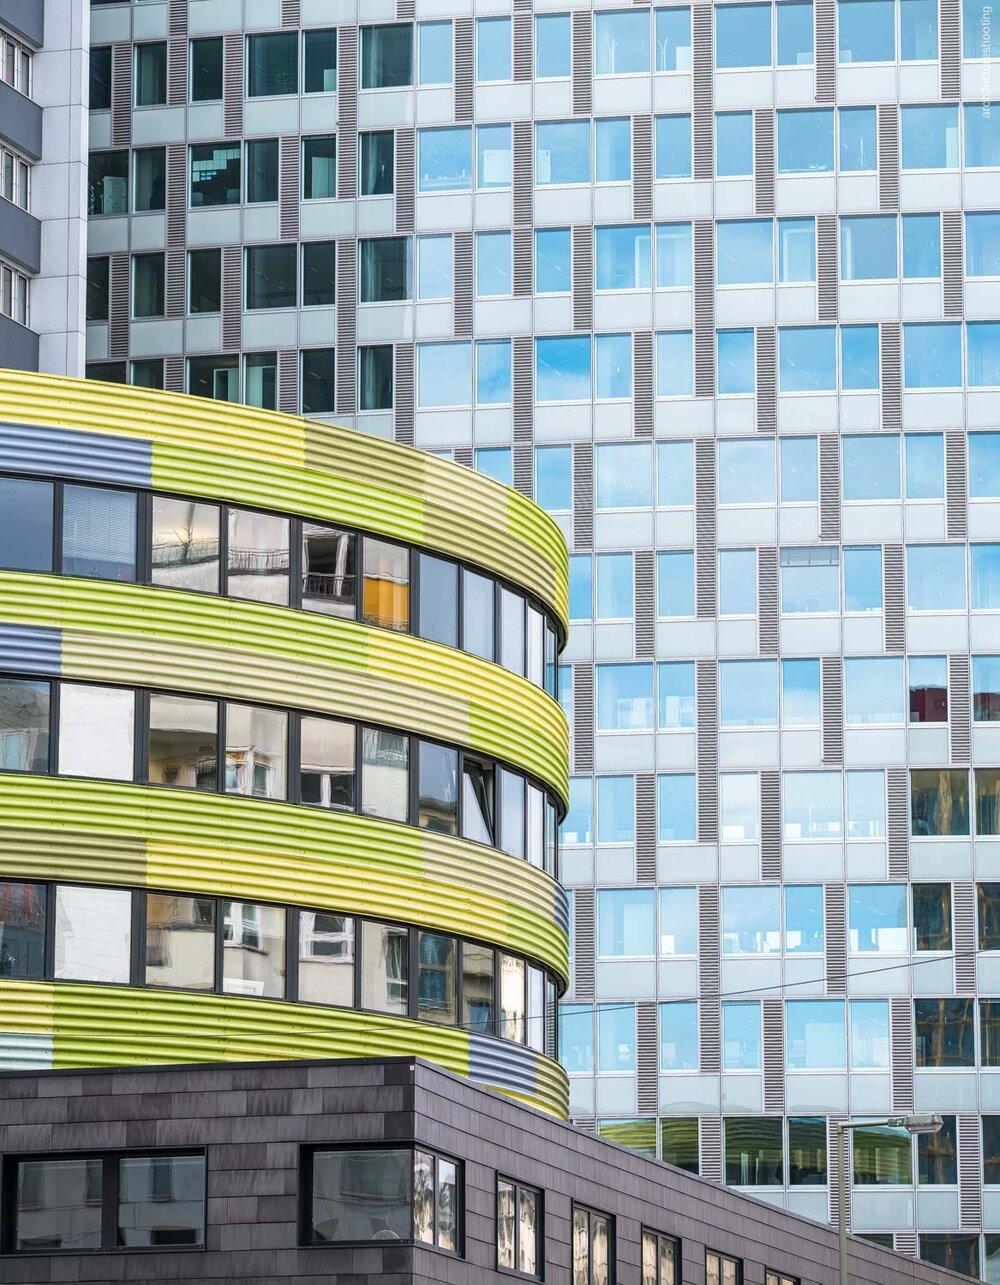 GSW Hochhaus Friedrichstrasse Berlin - Sauerbruch Hutton Architekten